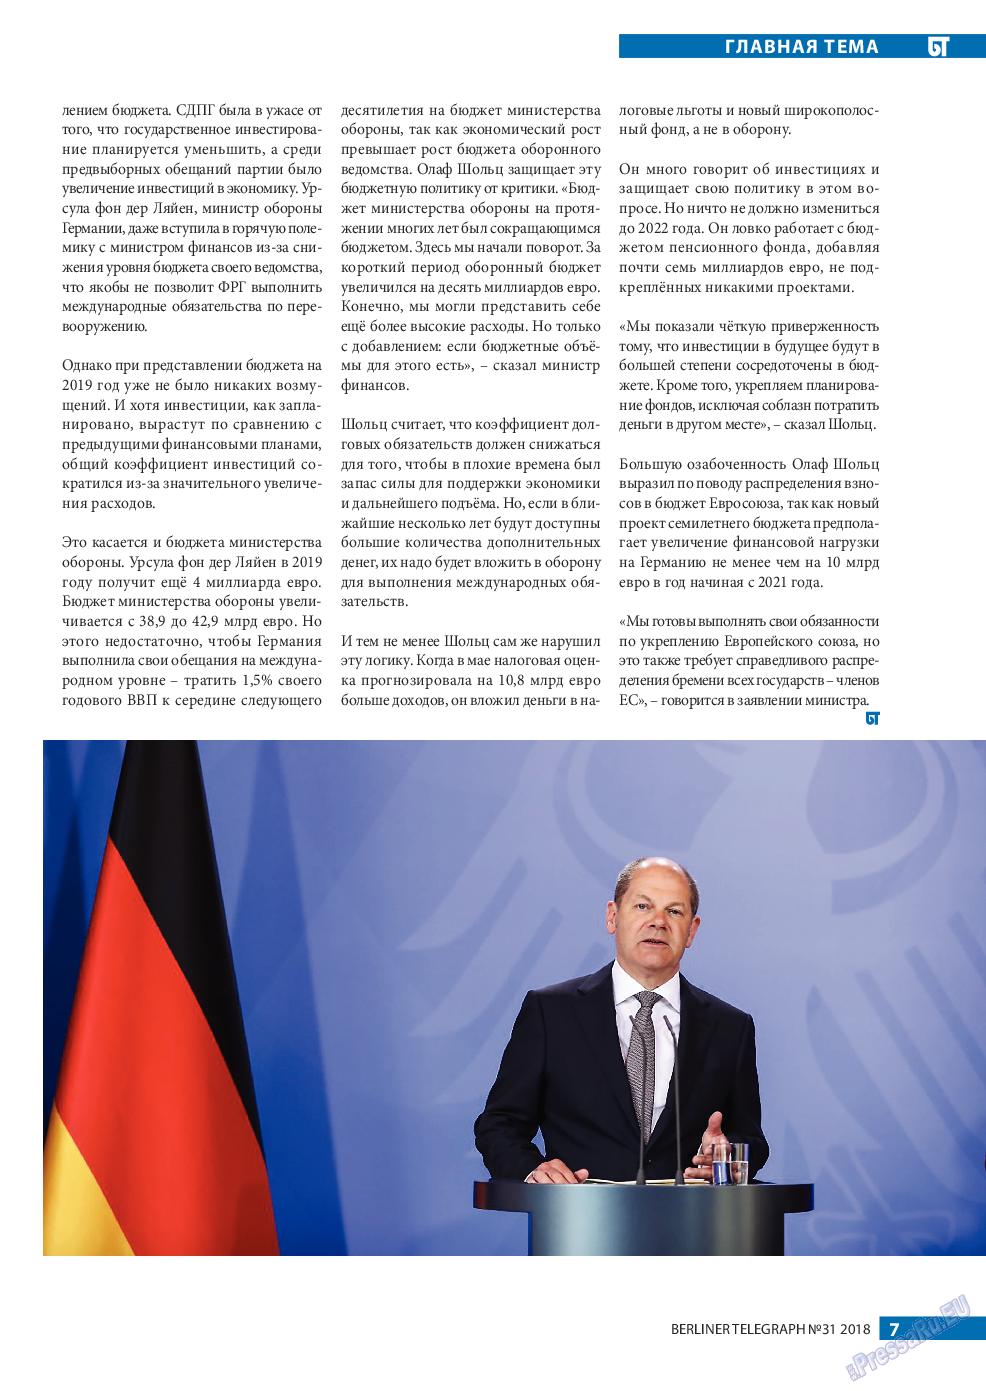 Берлинский телеграф (журнал). 2018 год, номер 31, стр. 7